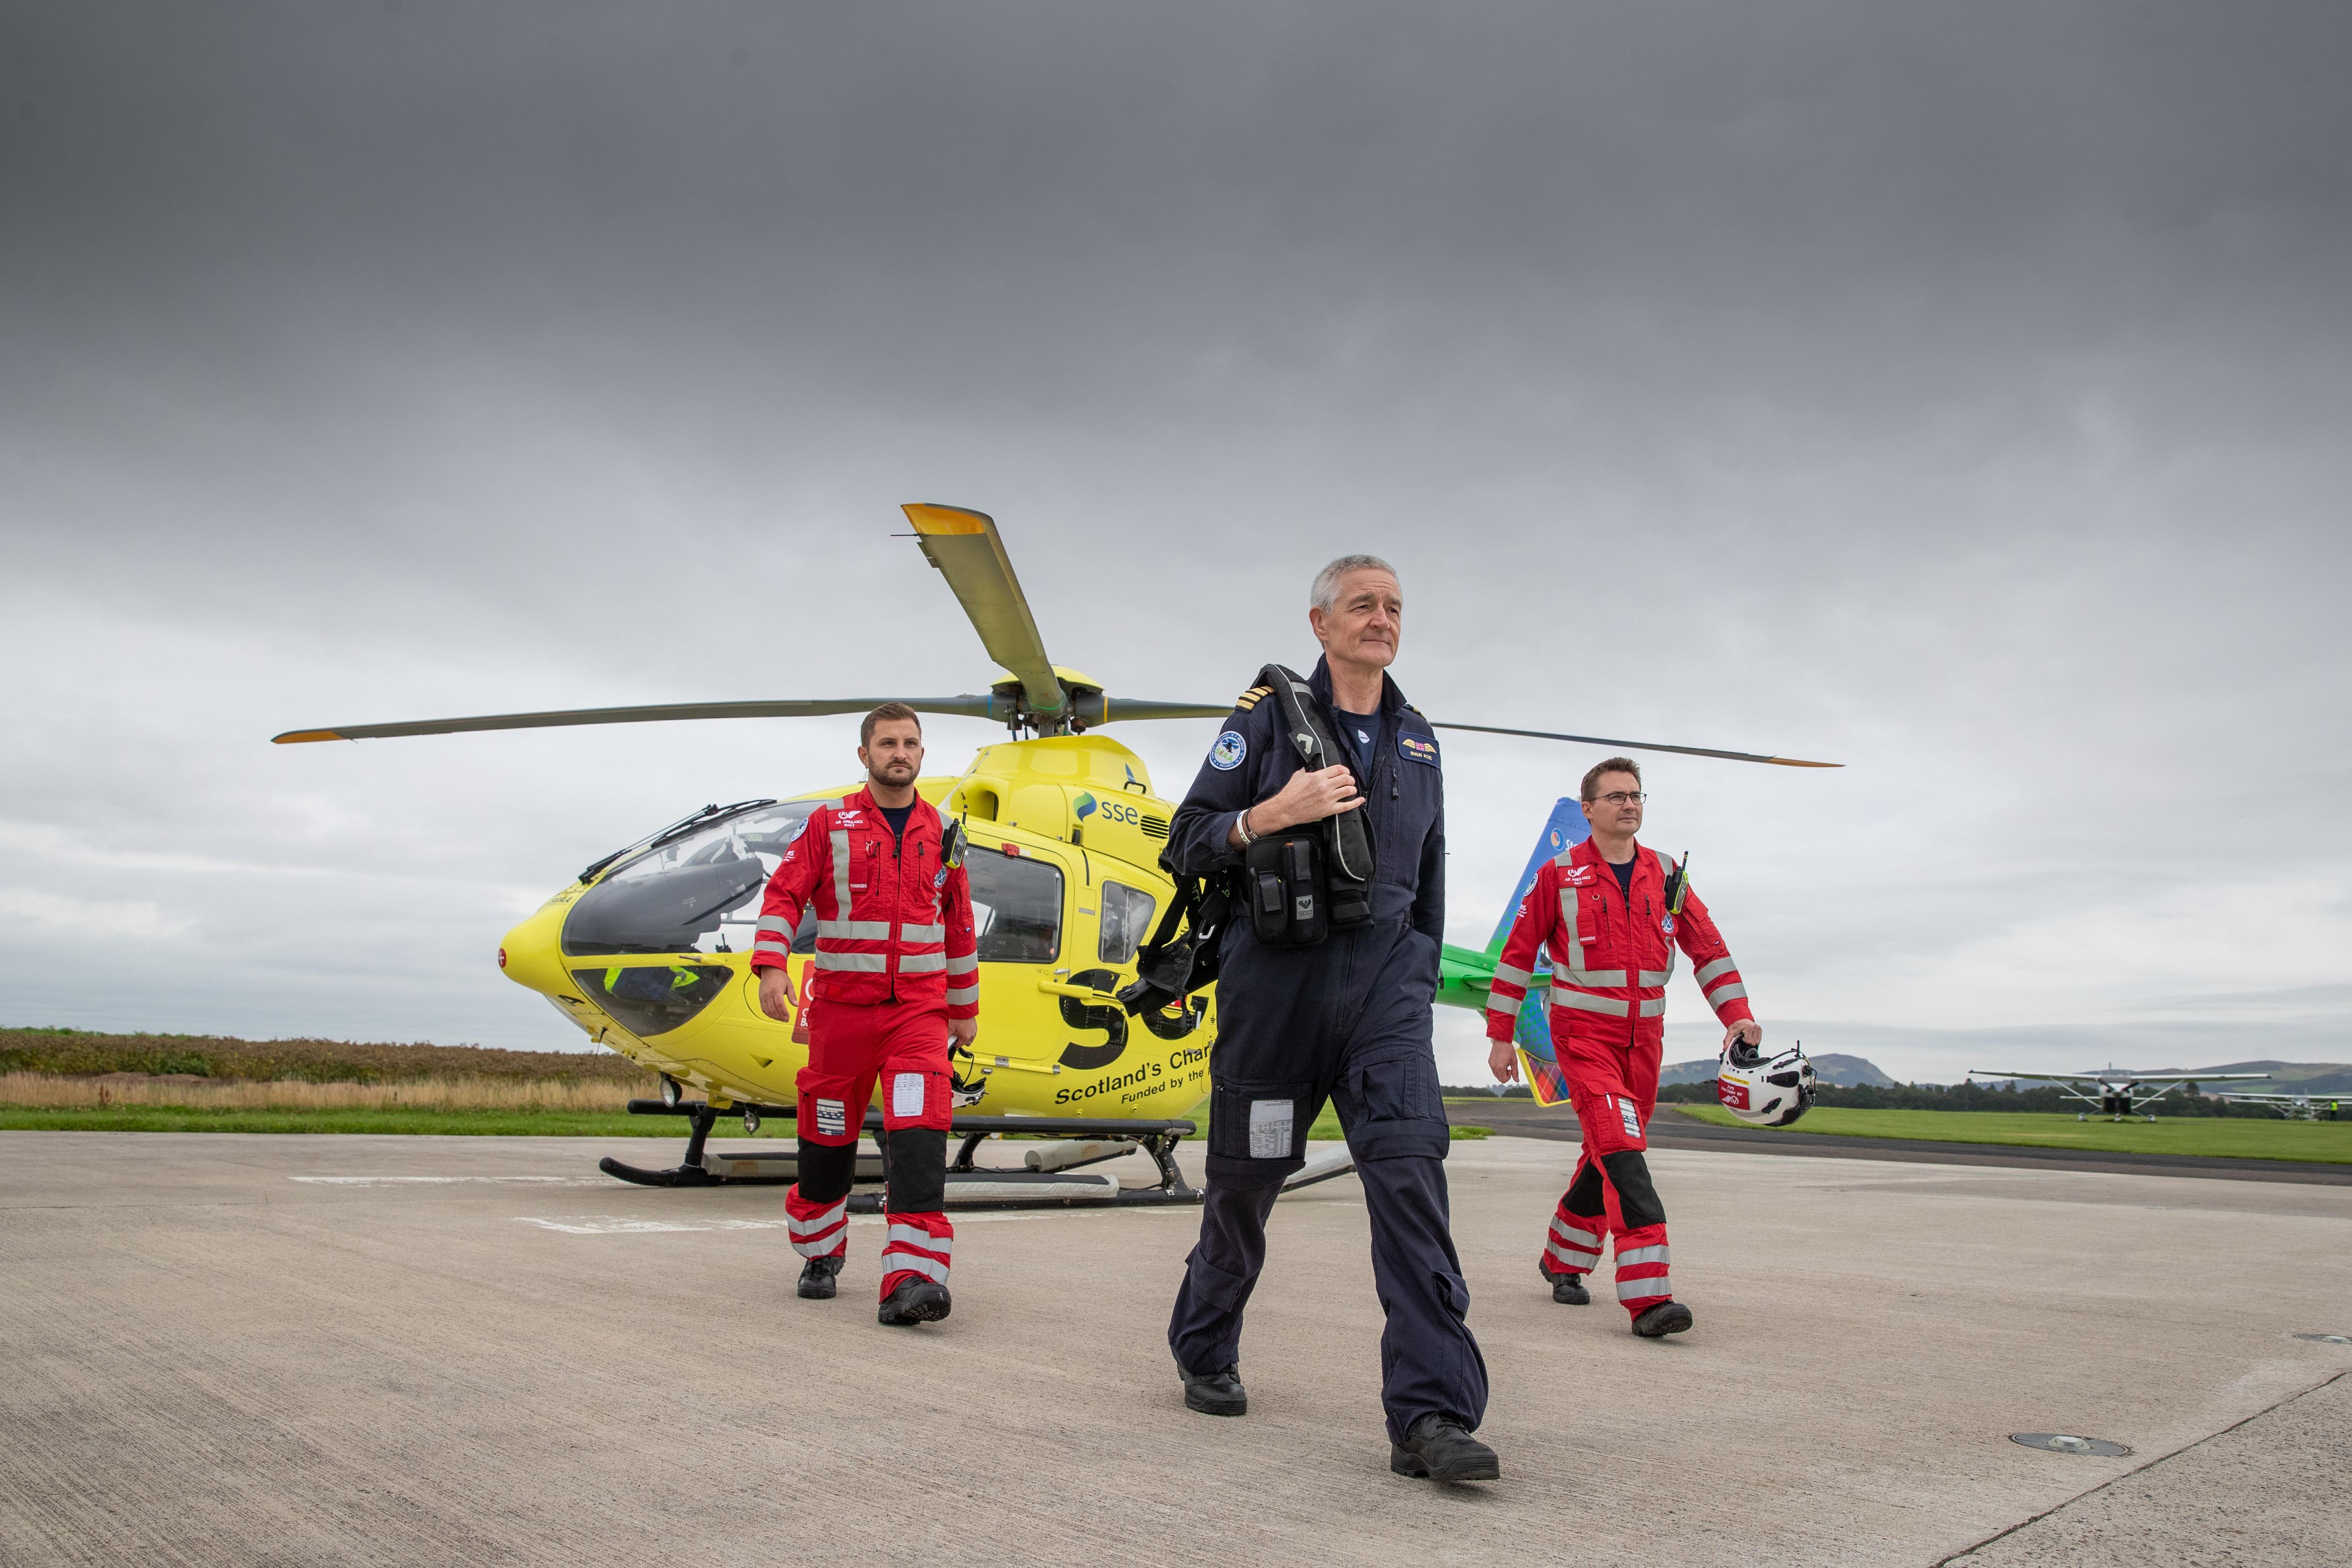 Pilot Shaun Rose and paramedics Darren O'Brien (L) and Matt Allen alongside the SCAA Helicopter